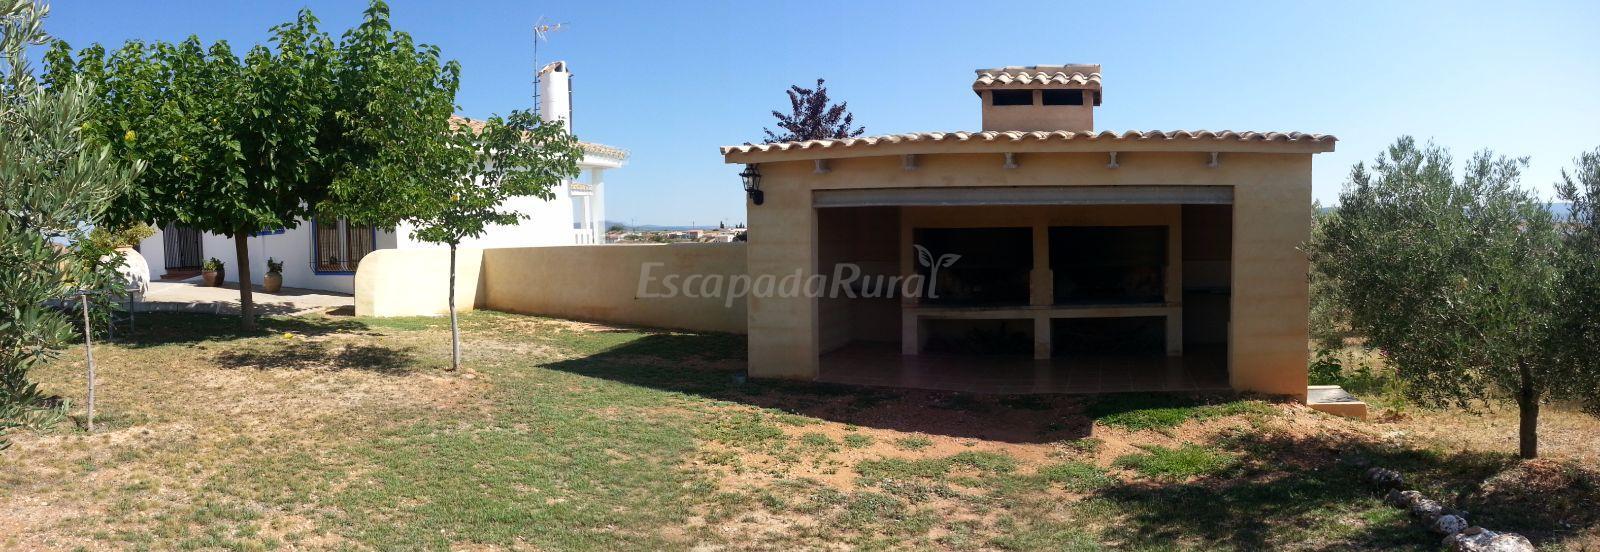 Fotos de el olivar casa de campo em utiel valencia - Casas de campo en valencia ...